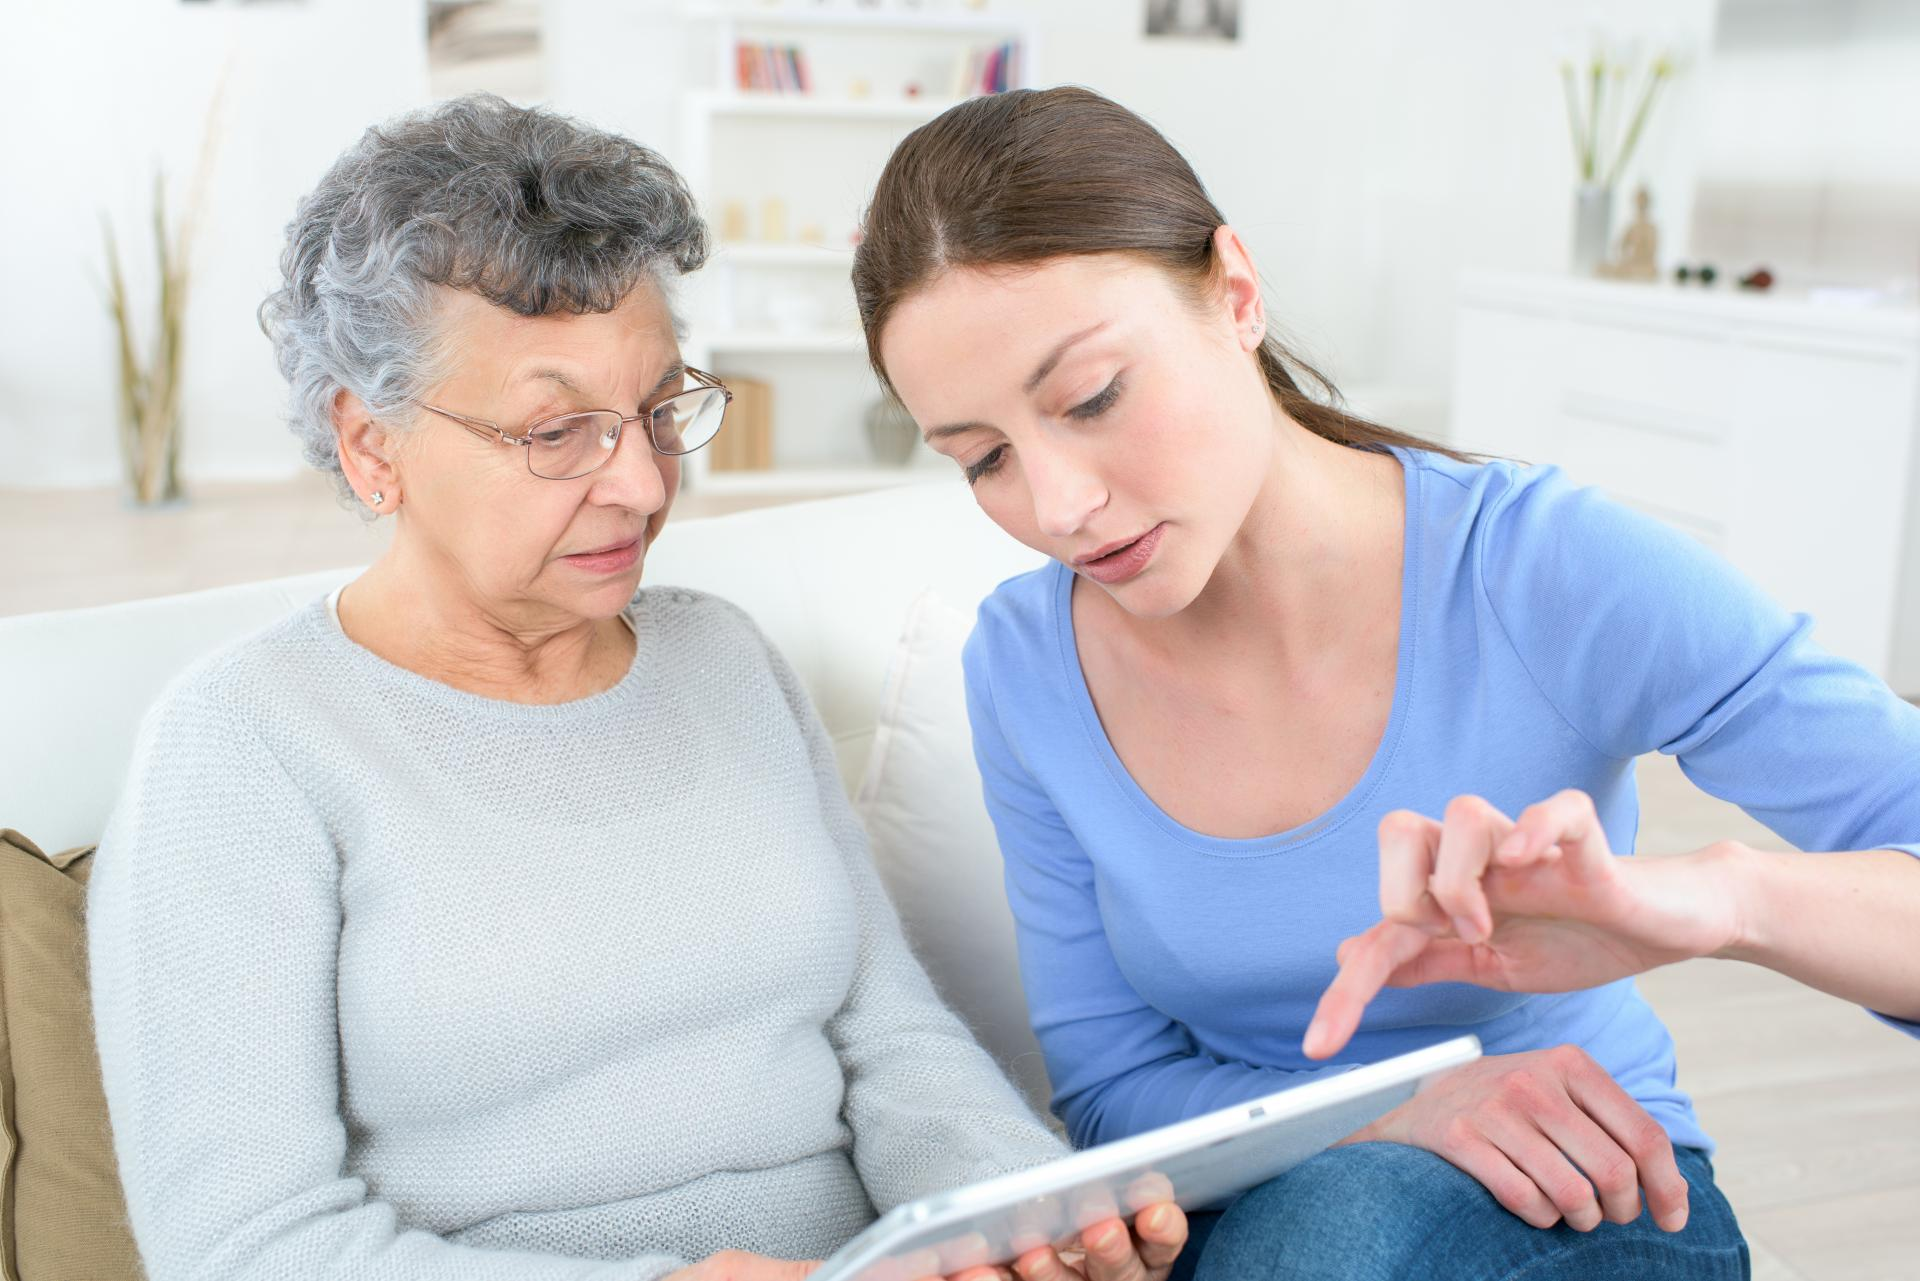 Une jeune femme aide une personne âgée à utiliser une tablette numérique.